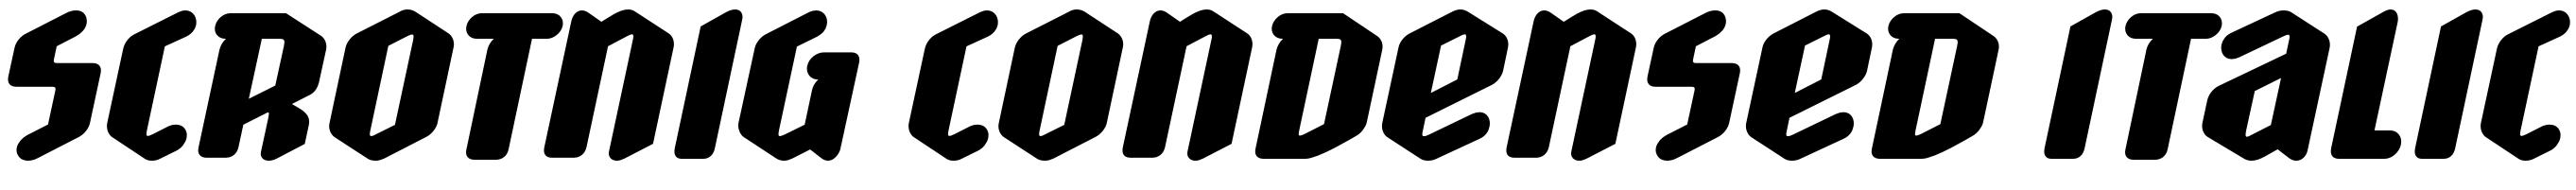 Scrotnig Condensed Italic